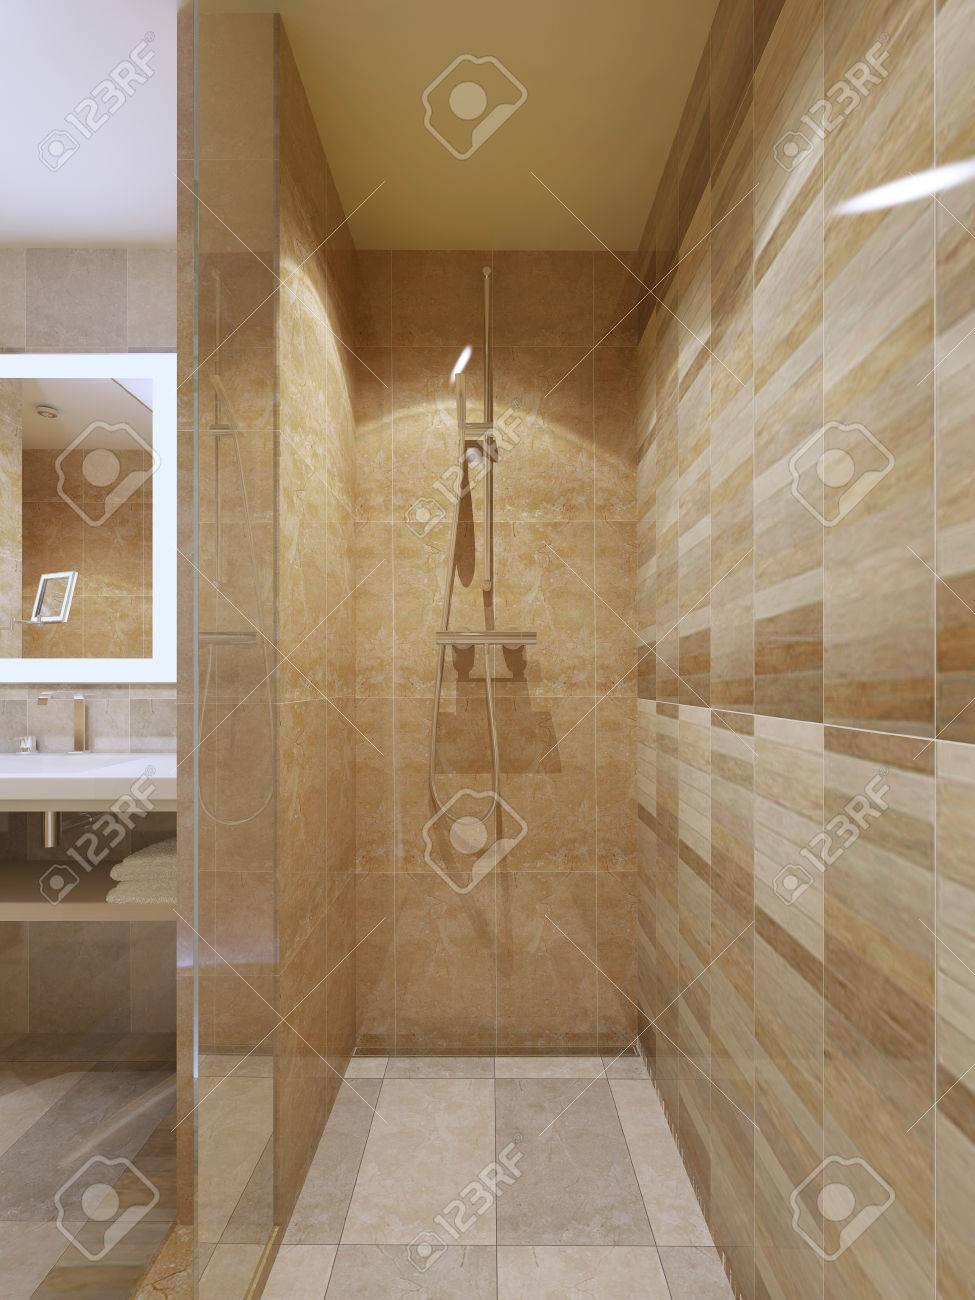 foto de archivo ducha de alta tecnologa en el cuarto de bao con paredes de azulejos de mrmol puertas de vidrio d rinden